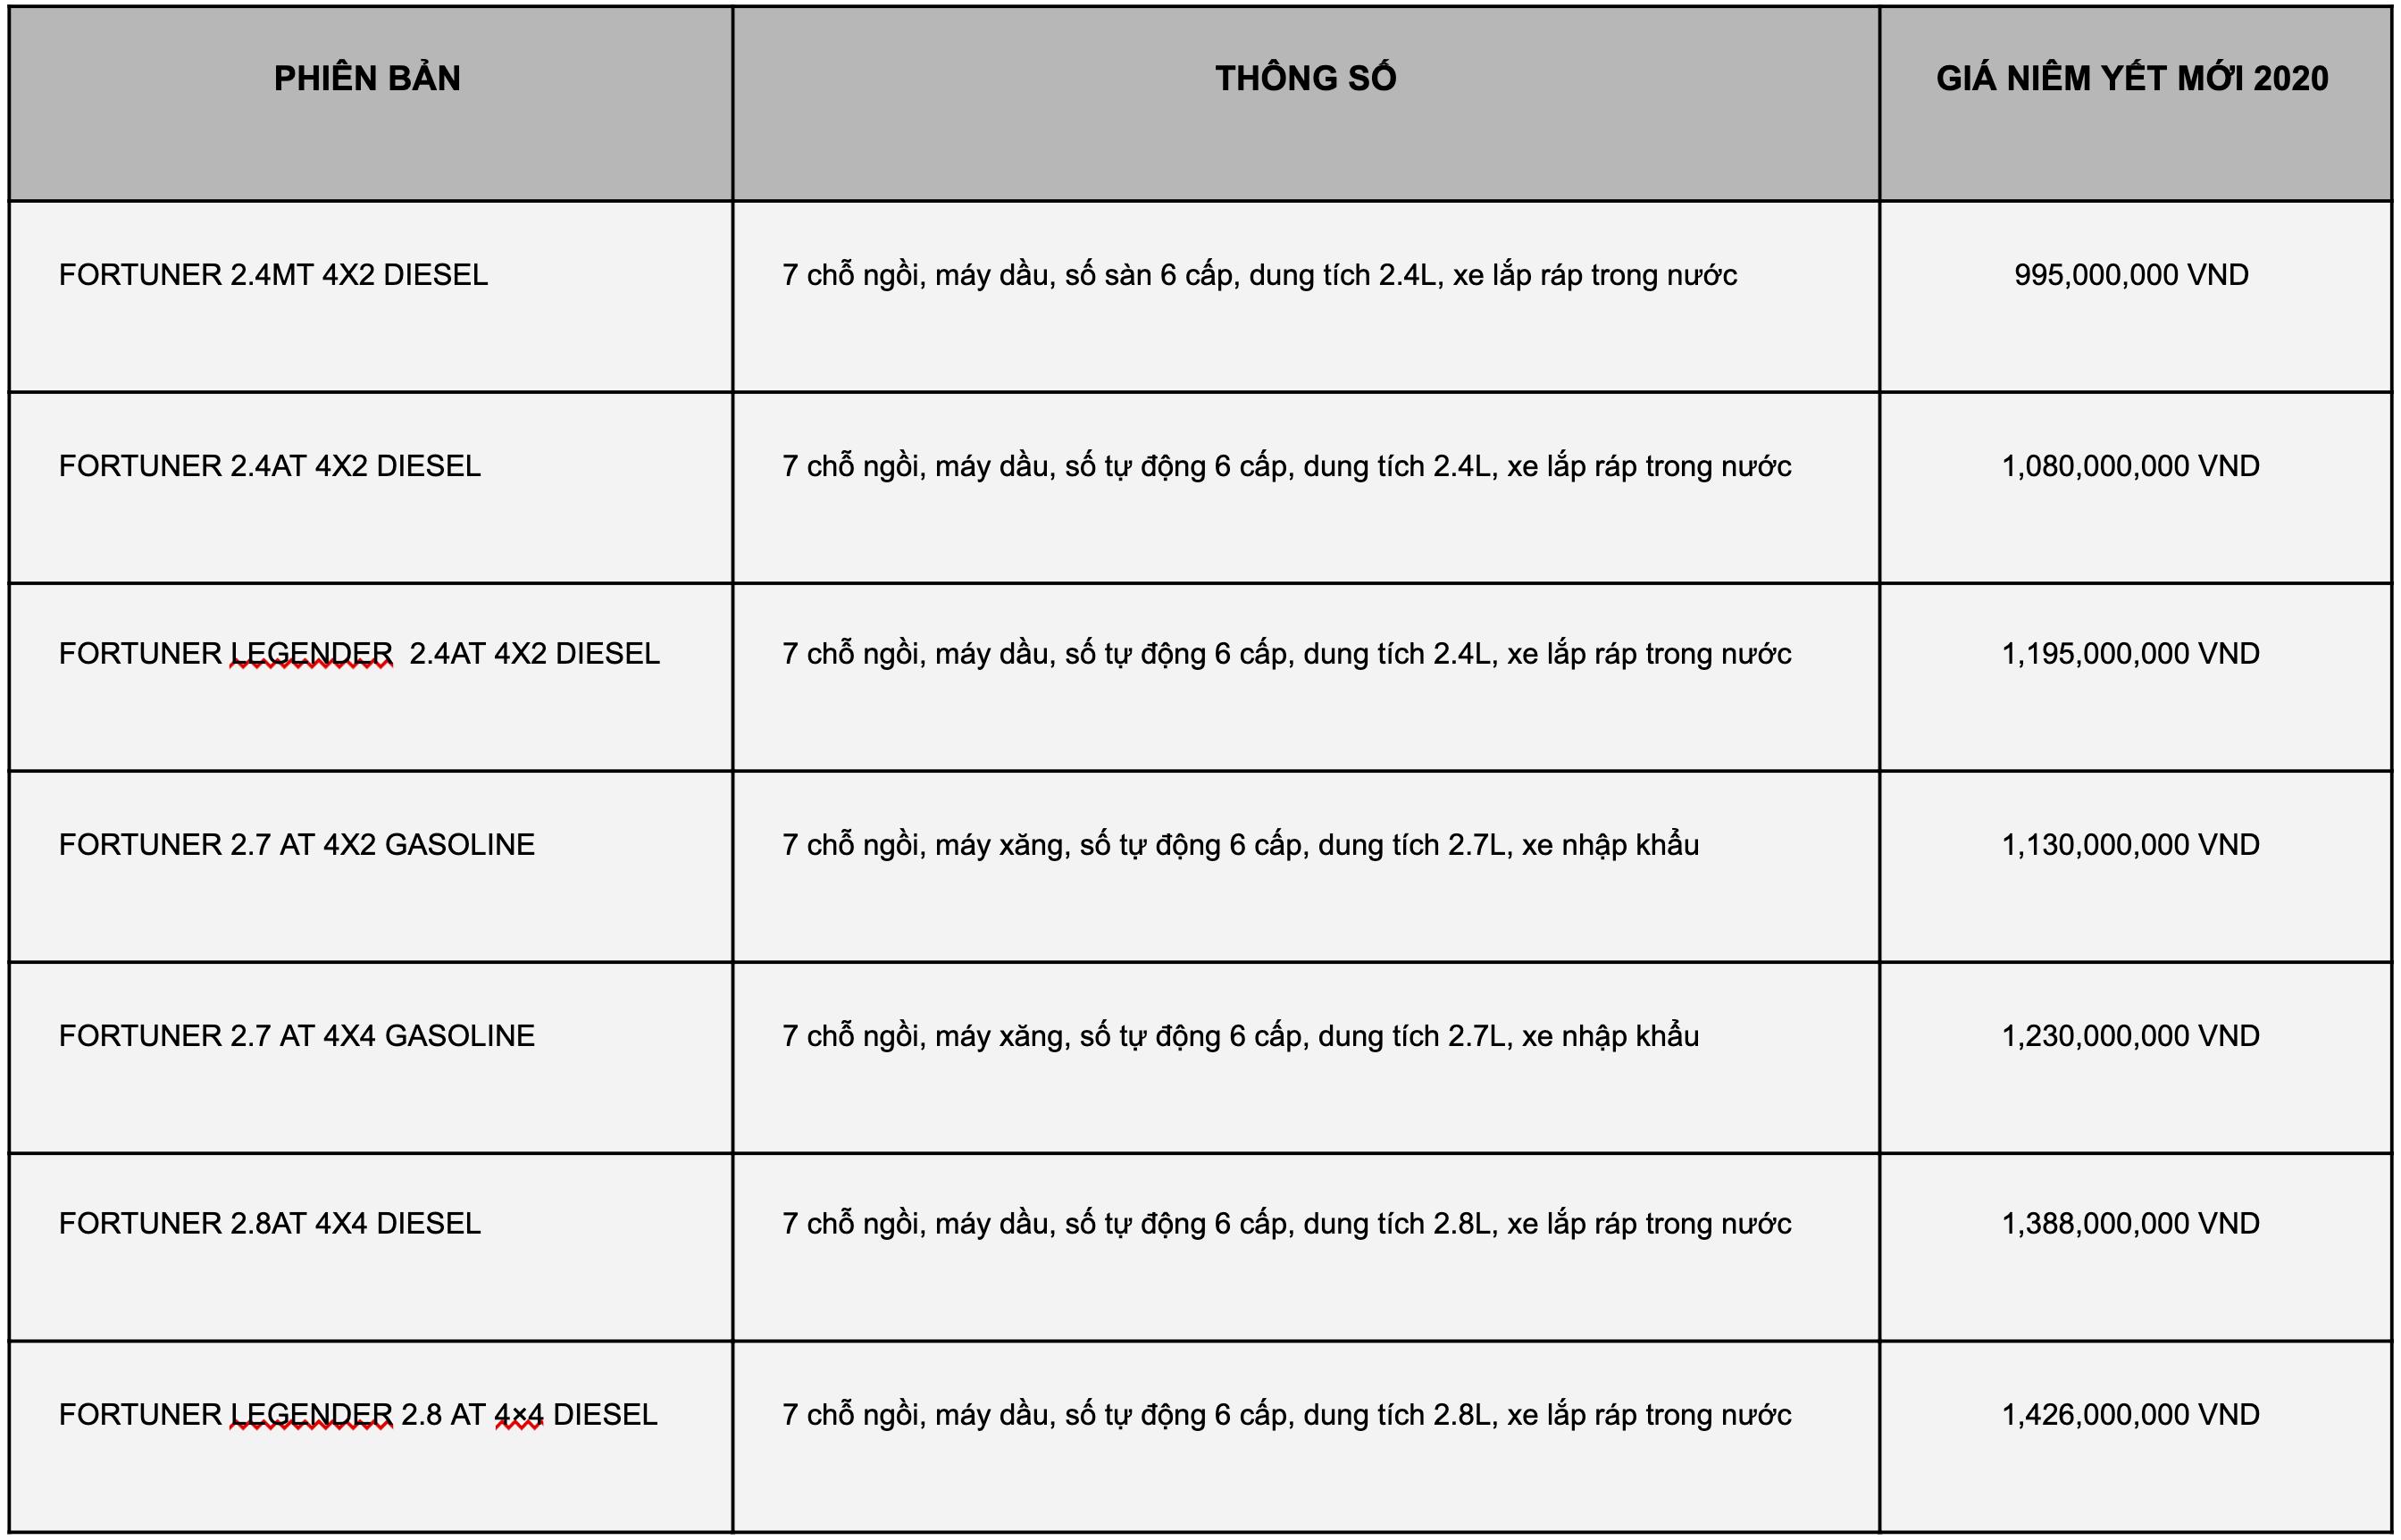 bảng giá xe fortuner 2020